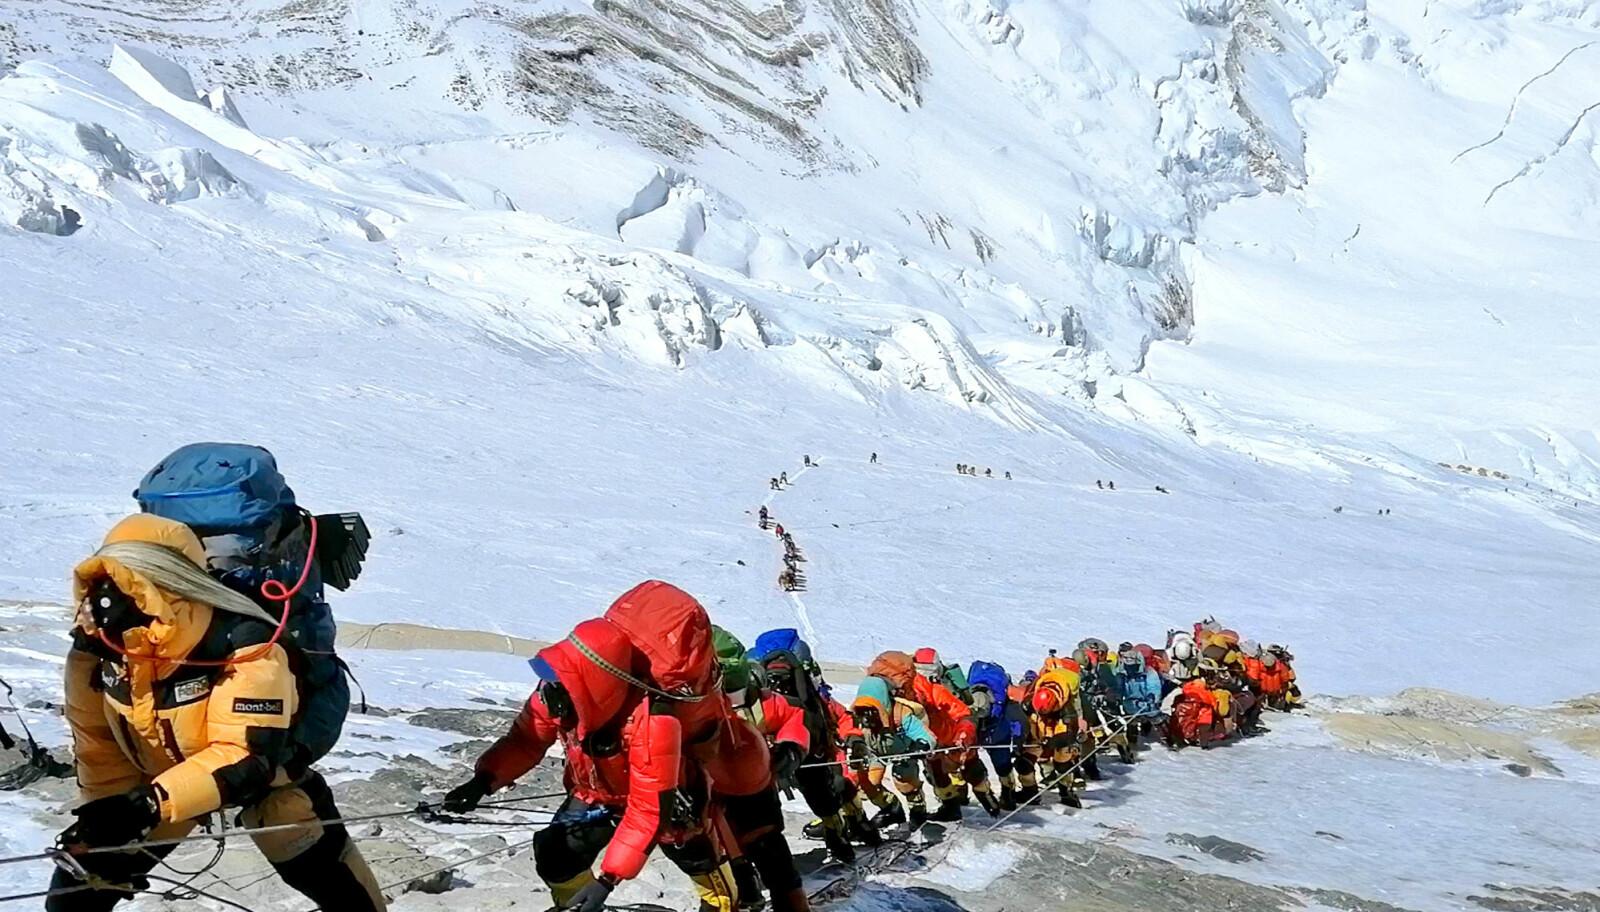 DØDSKØ: Dette bildet fra mai i år vider tydelig hvor mange som forsøker å nå toppen av Mount Everest. Mer enn 20 mennesker har dødd i forsøket på å bestige fjellet bare i år.